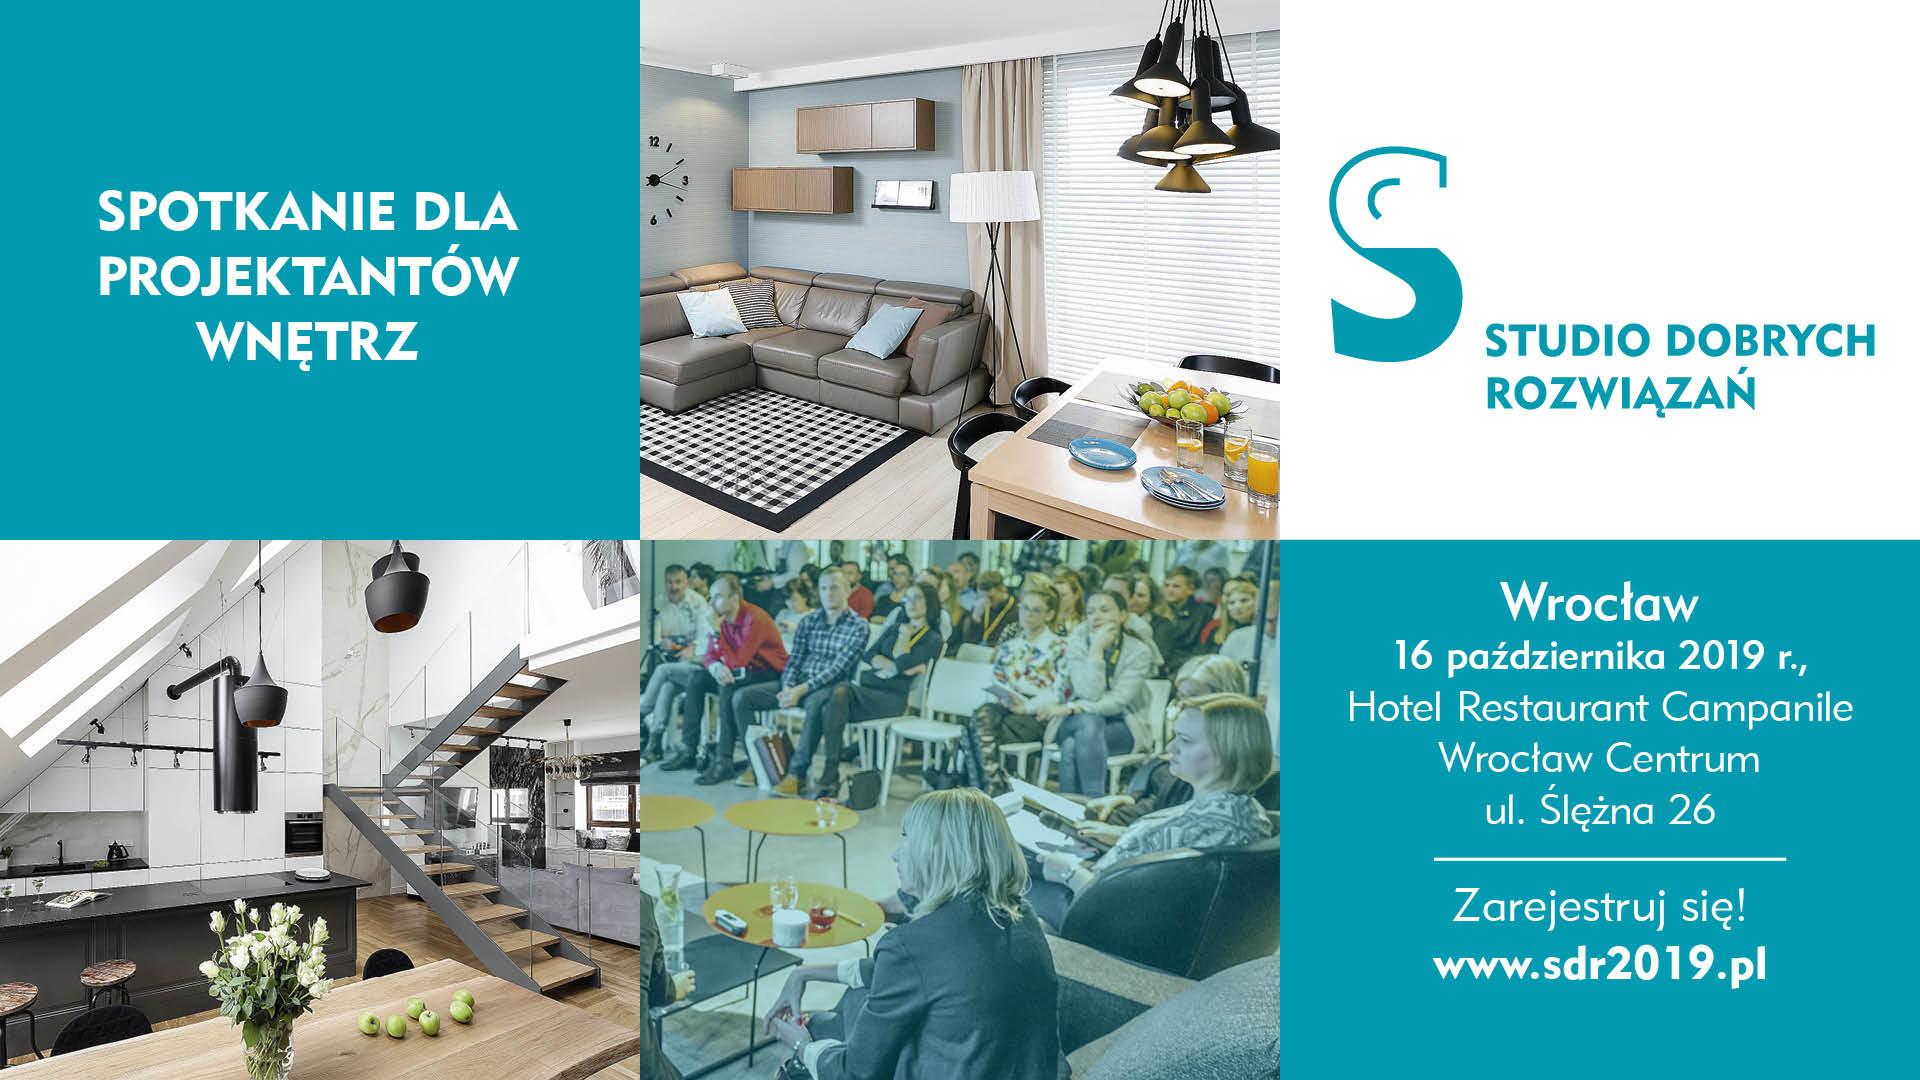 Studio Dobrych Rozwiązań we Wrocławiu - 16 października 2019.